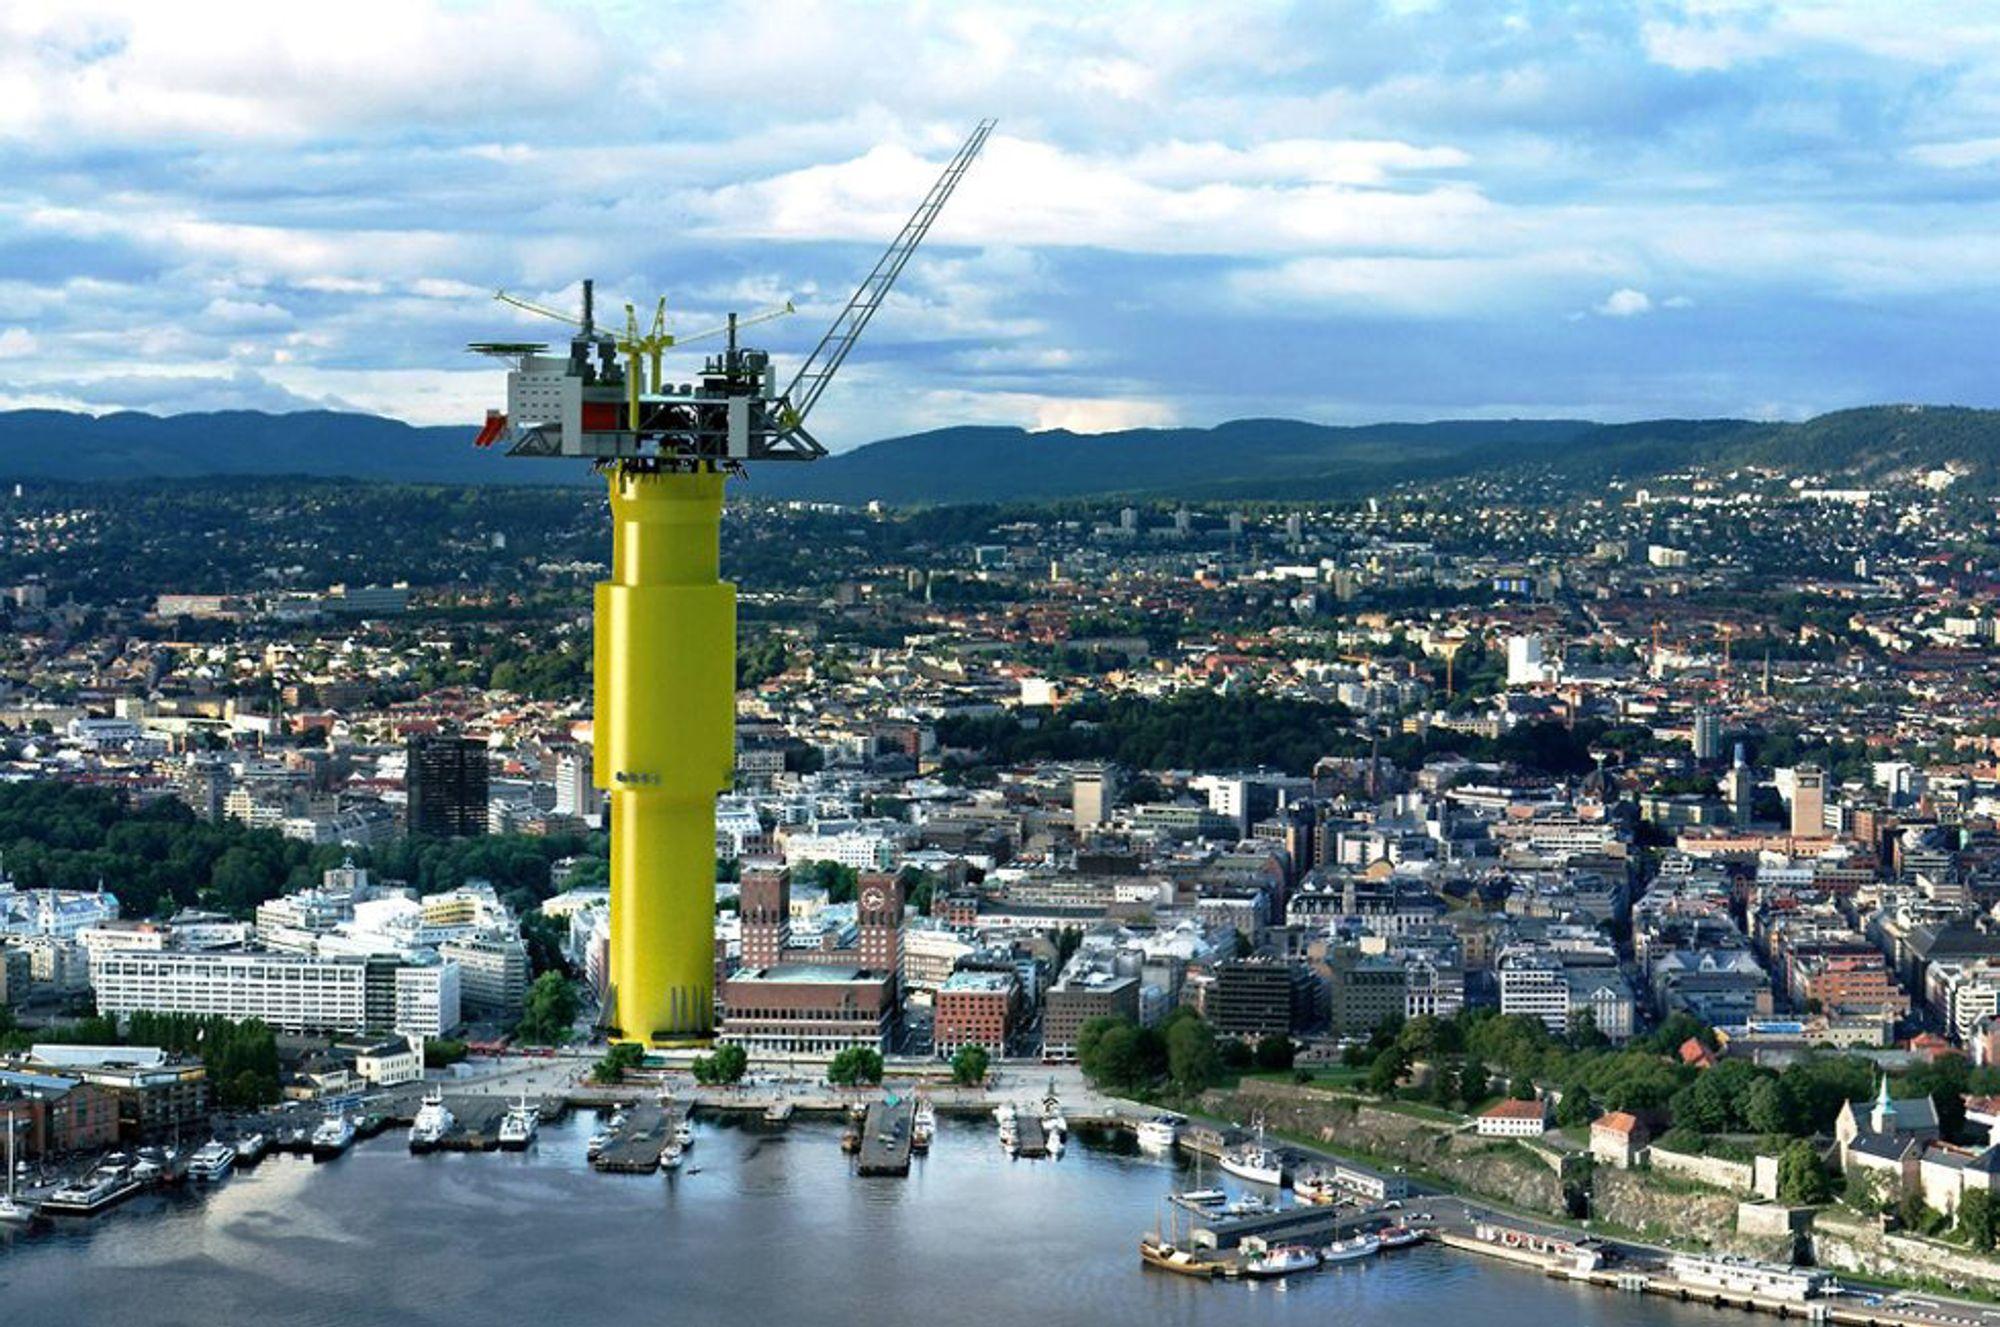 Stort: Aasta Hansteen-feltet bygges ut med en slik 200 meter høy plattform. Akkurat denne løsningen til Aker Solutions tapte imidlertid konkurransen med Technip.